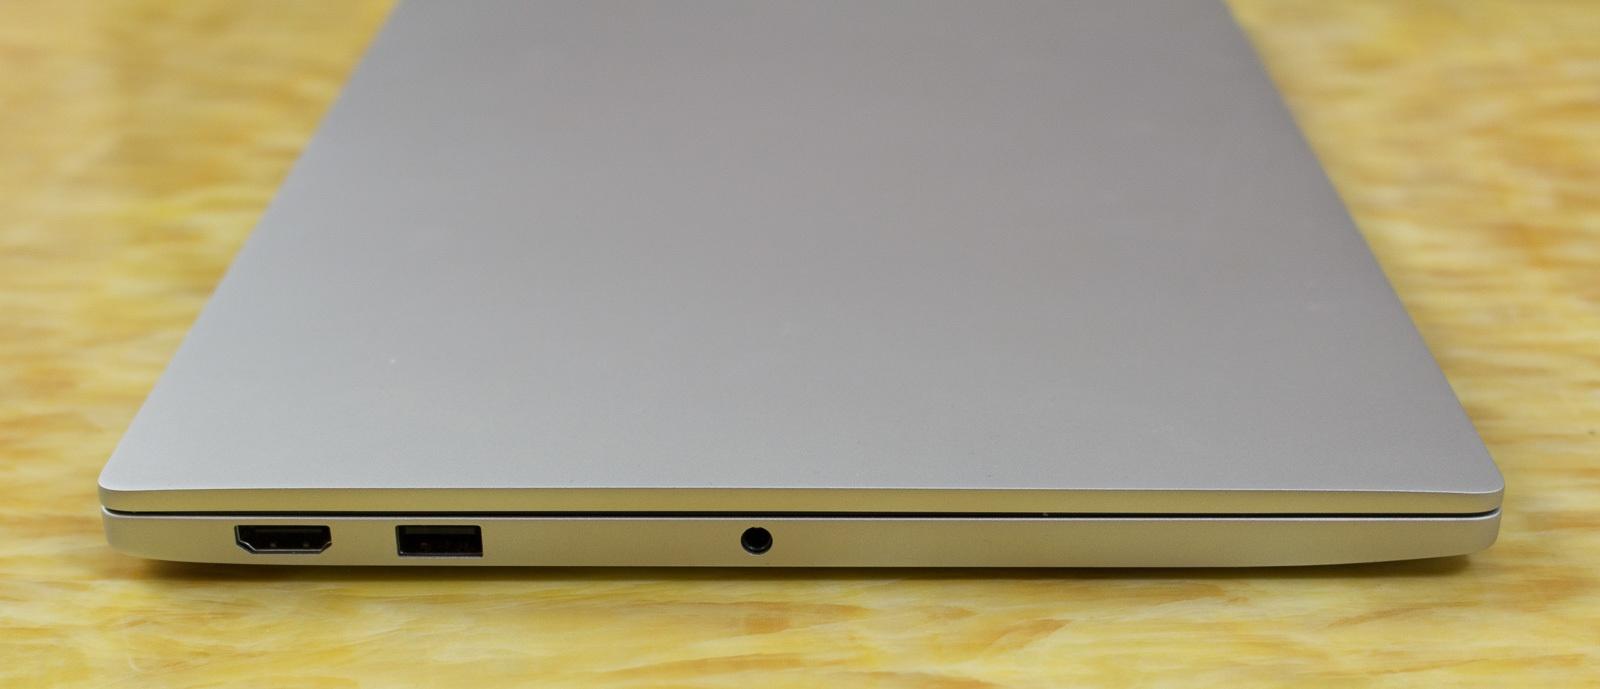 Xiaomi Mi Air 13 Laptop — еще один отличный китайский ноутбук, совершенно непохожий на Macbook - 5